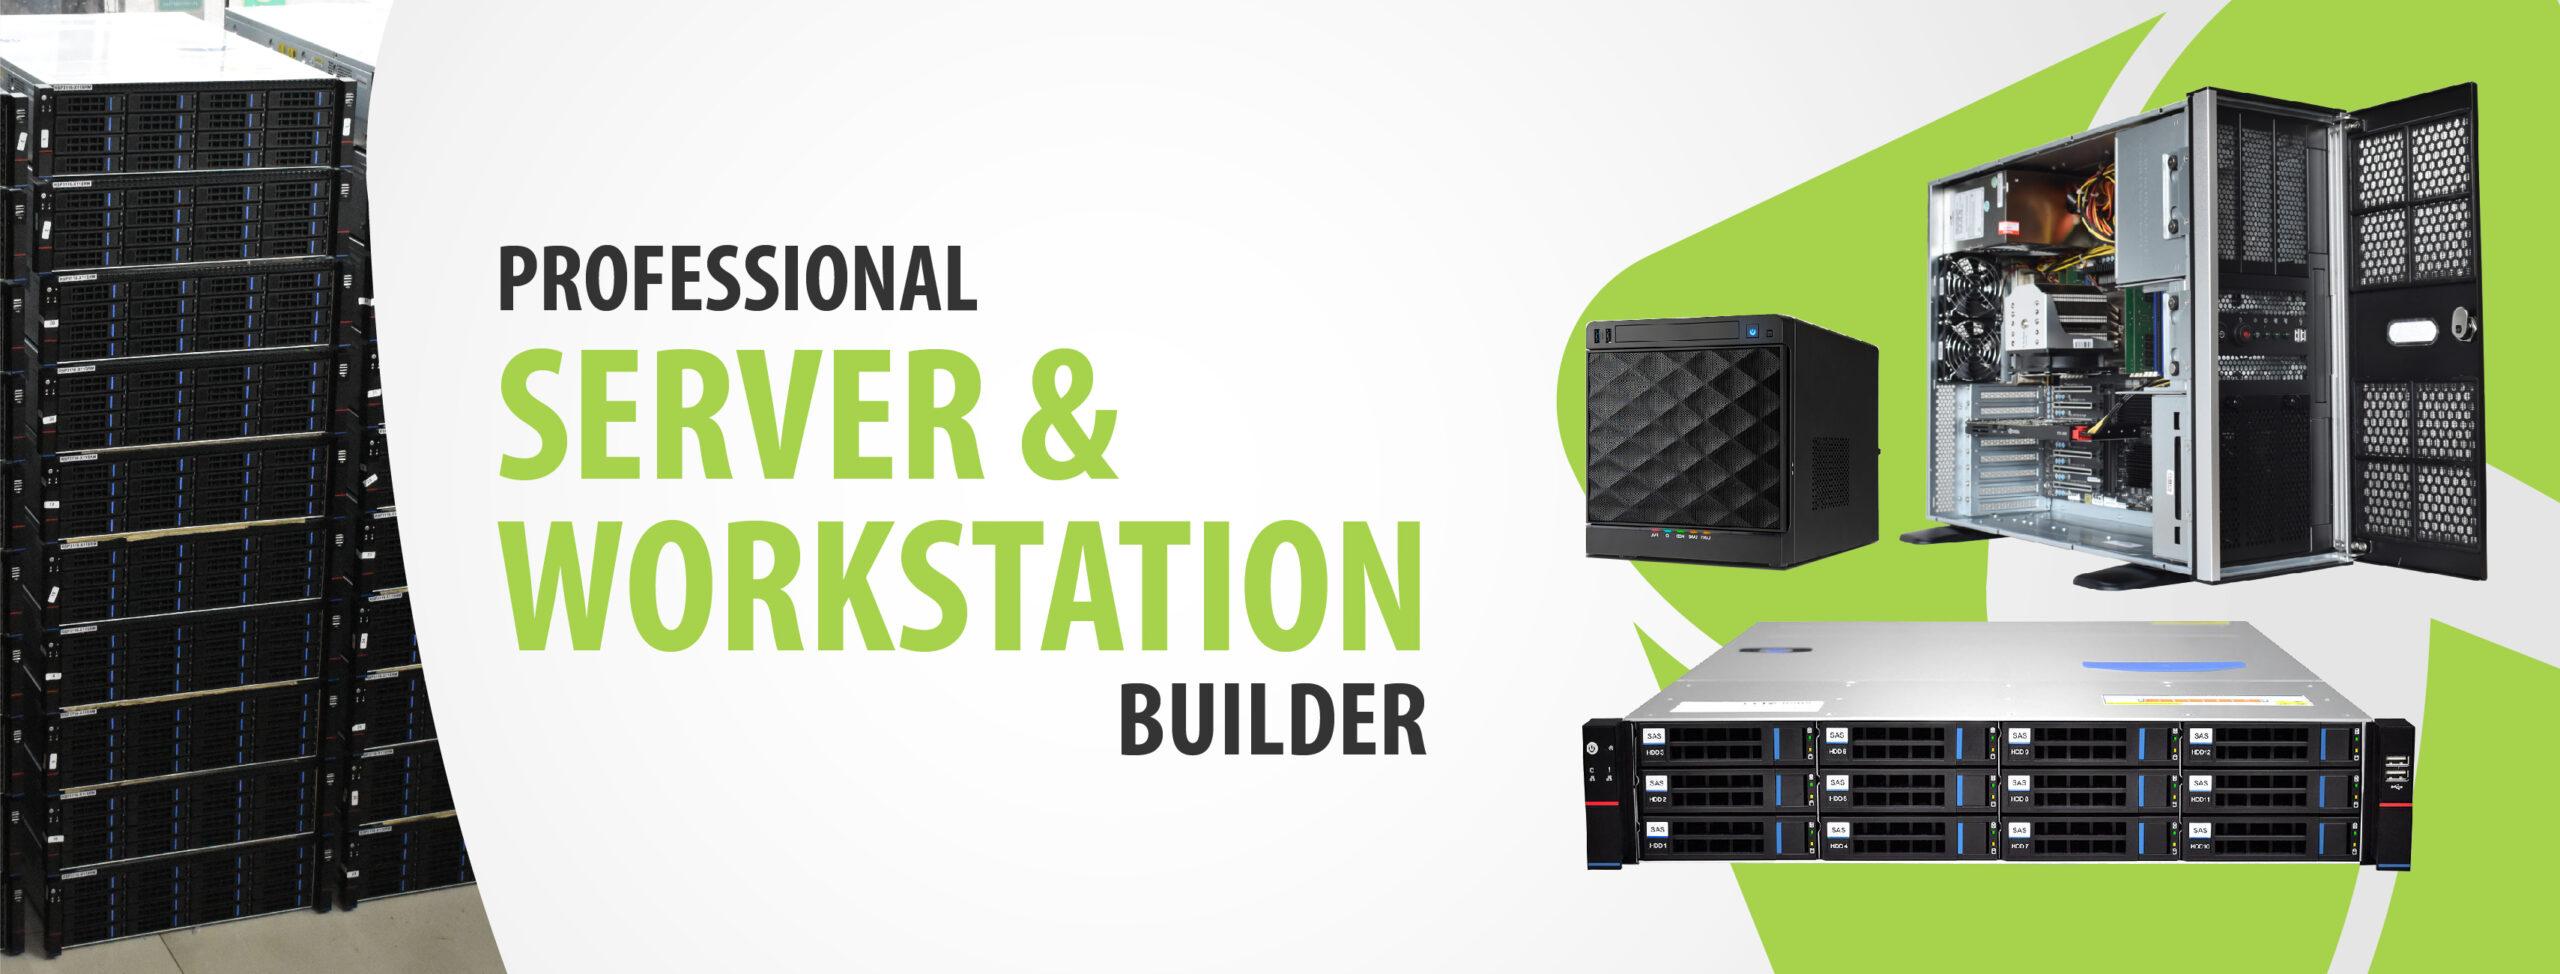 จำหน่ายและประกอบเครื่องเซิฟเวอร์ server workstation